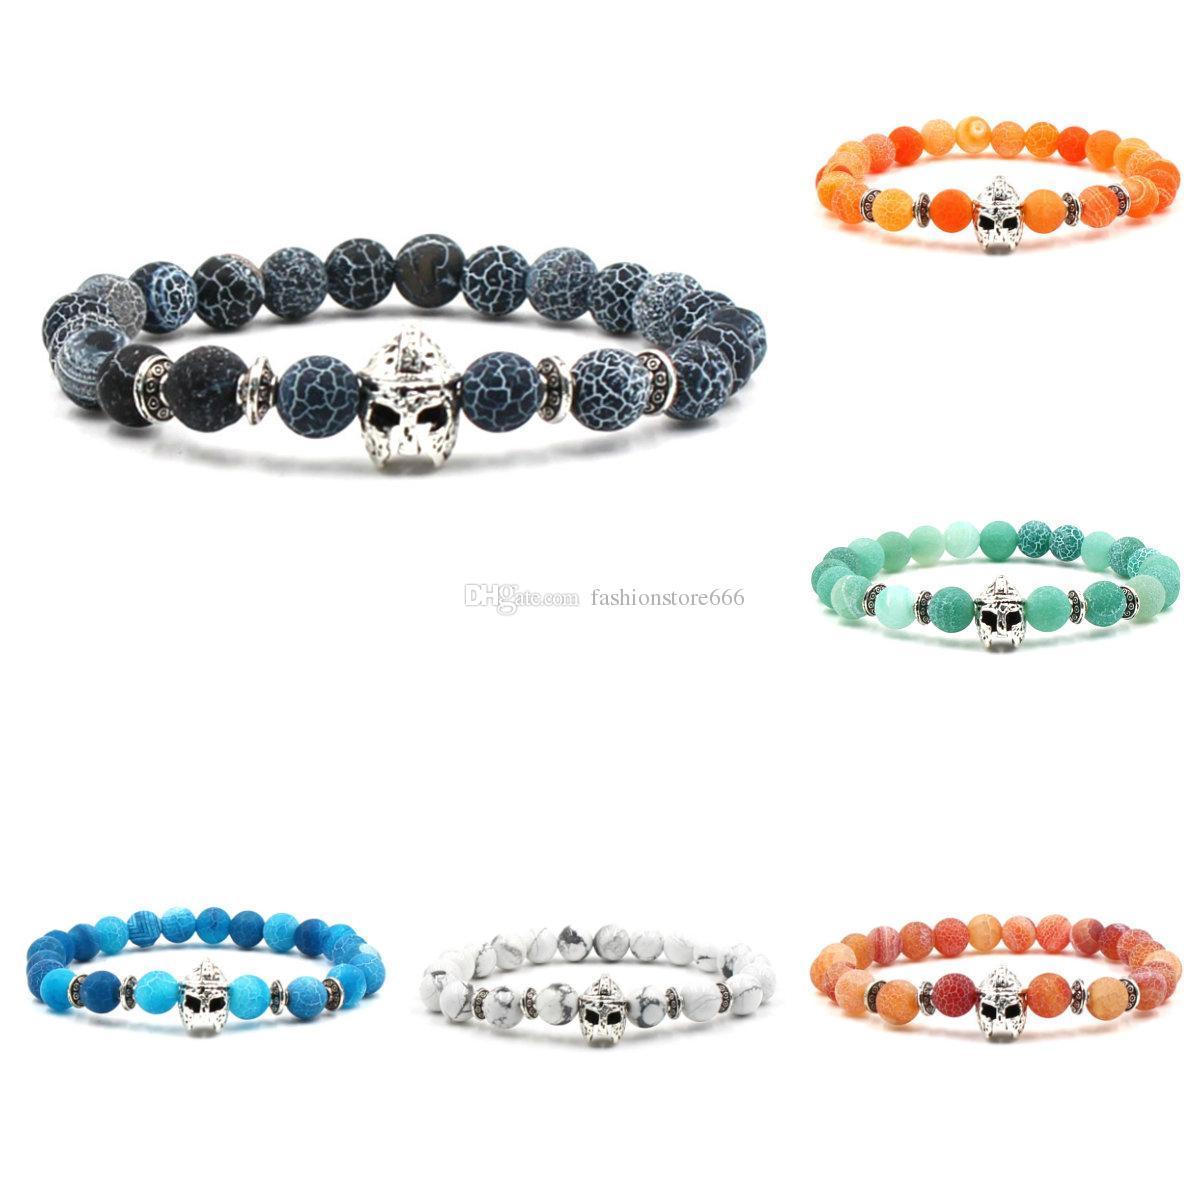 Grosshandel Achat Stein Armband Grau Grun Orange Blau Verwitterung